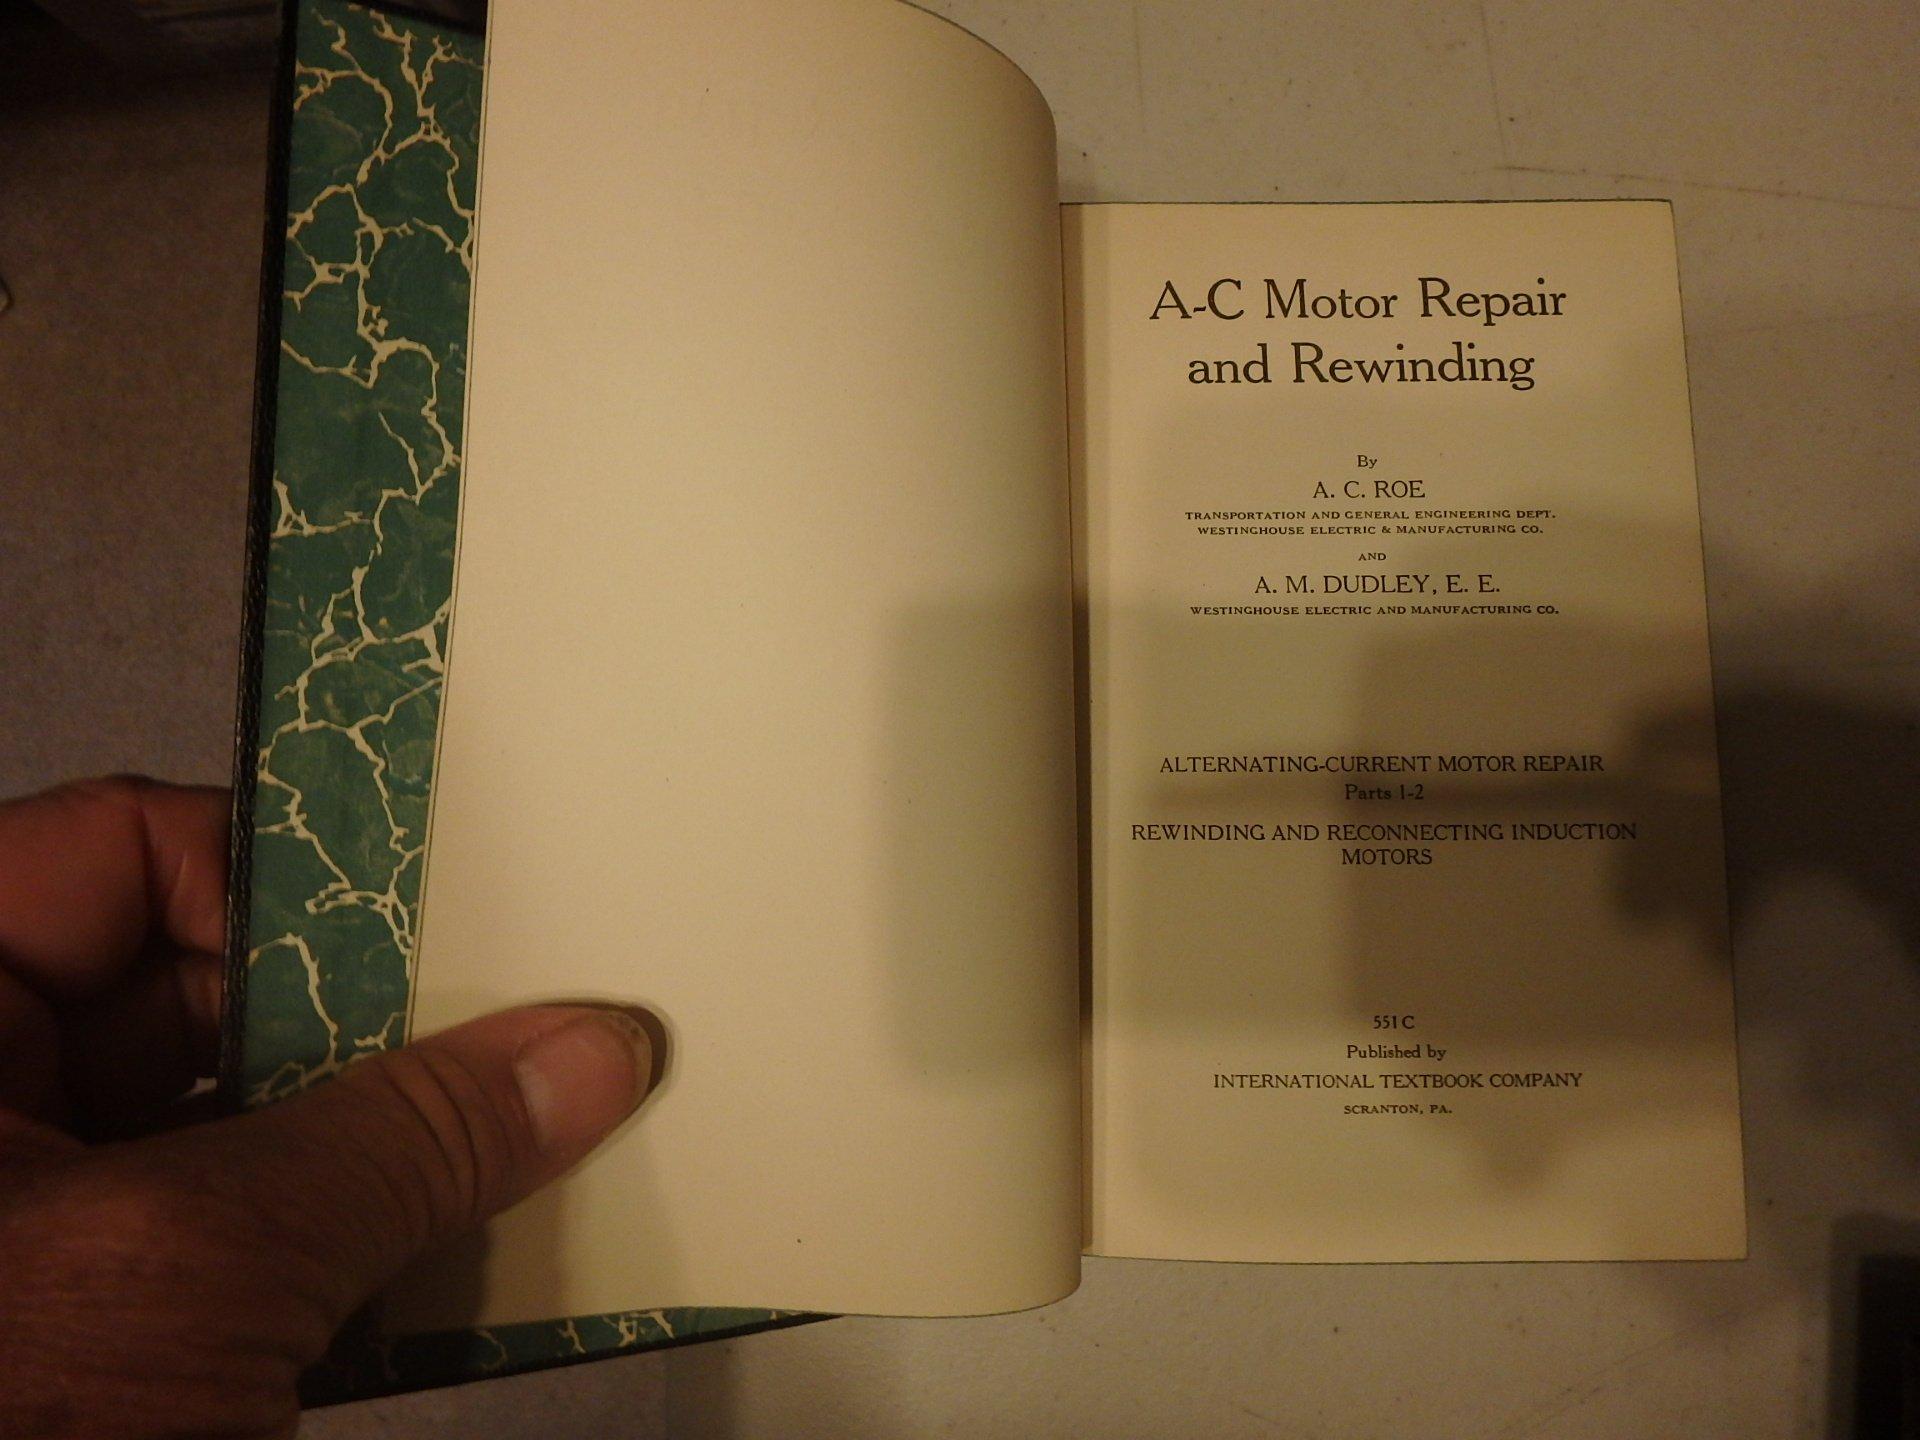 A-C Motor Repair and Rewinding: Alternating-Current Motor Repair ...